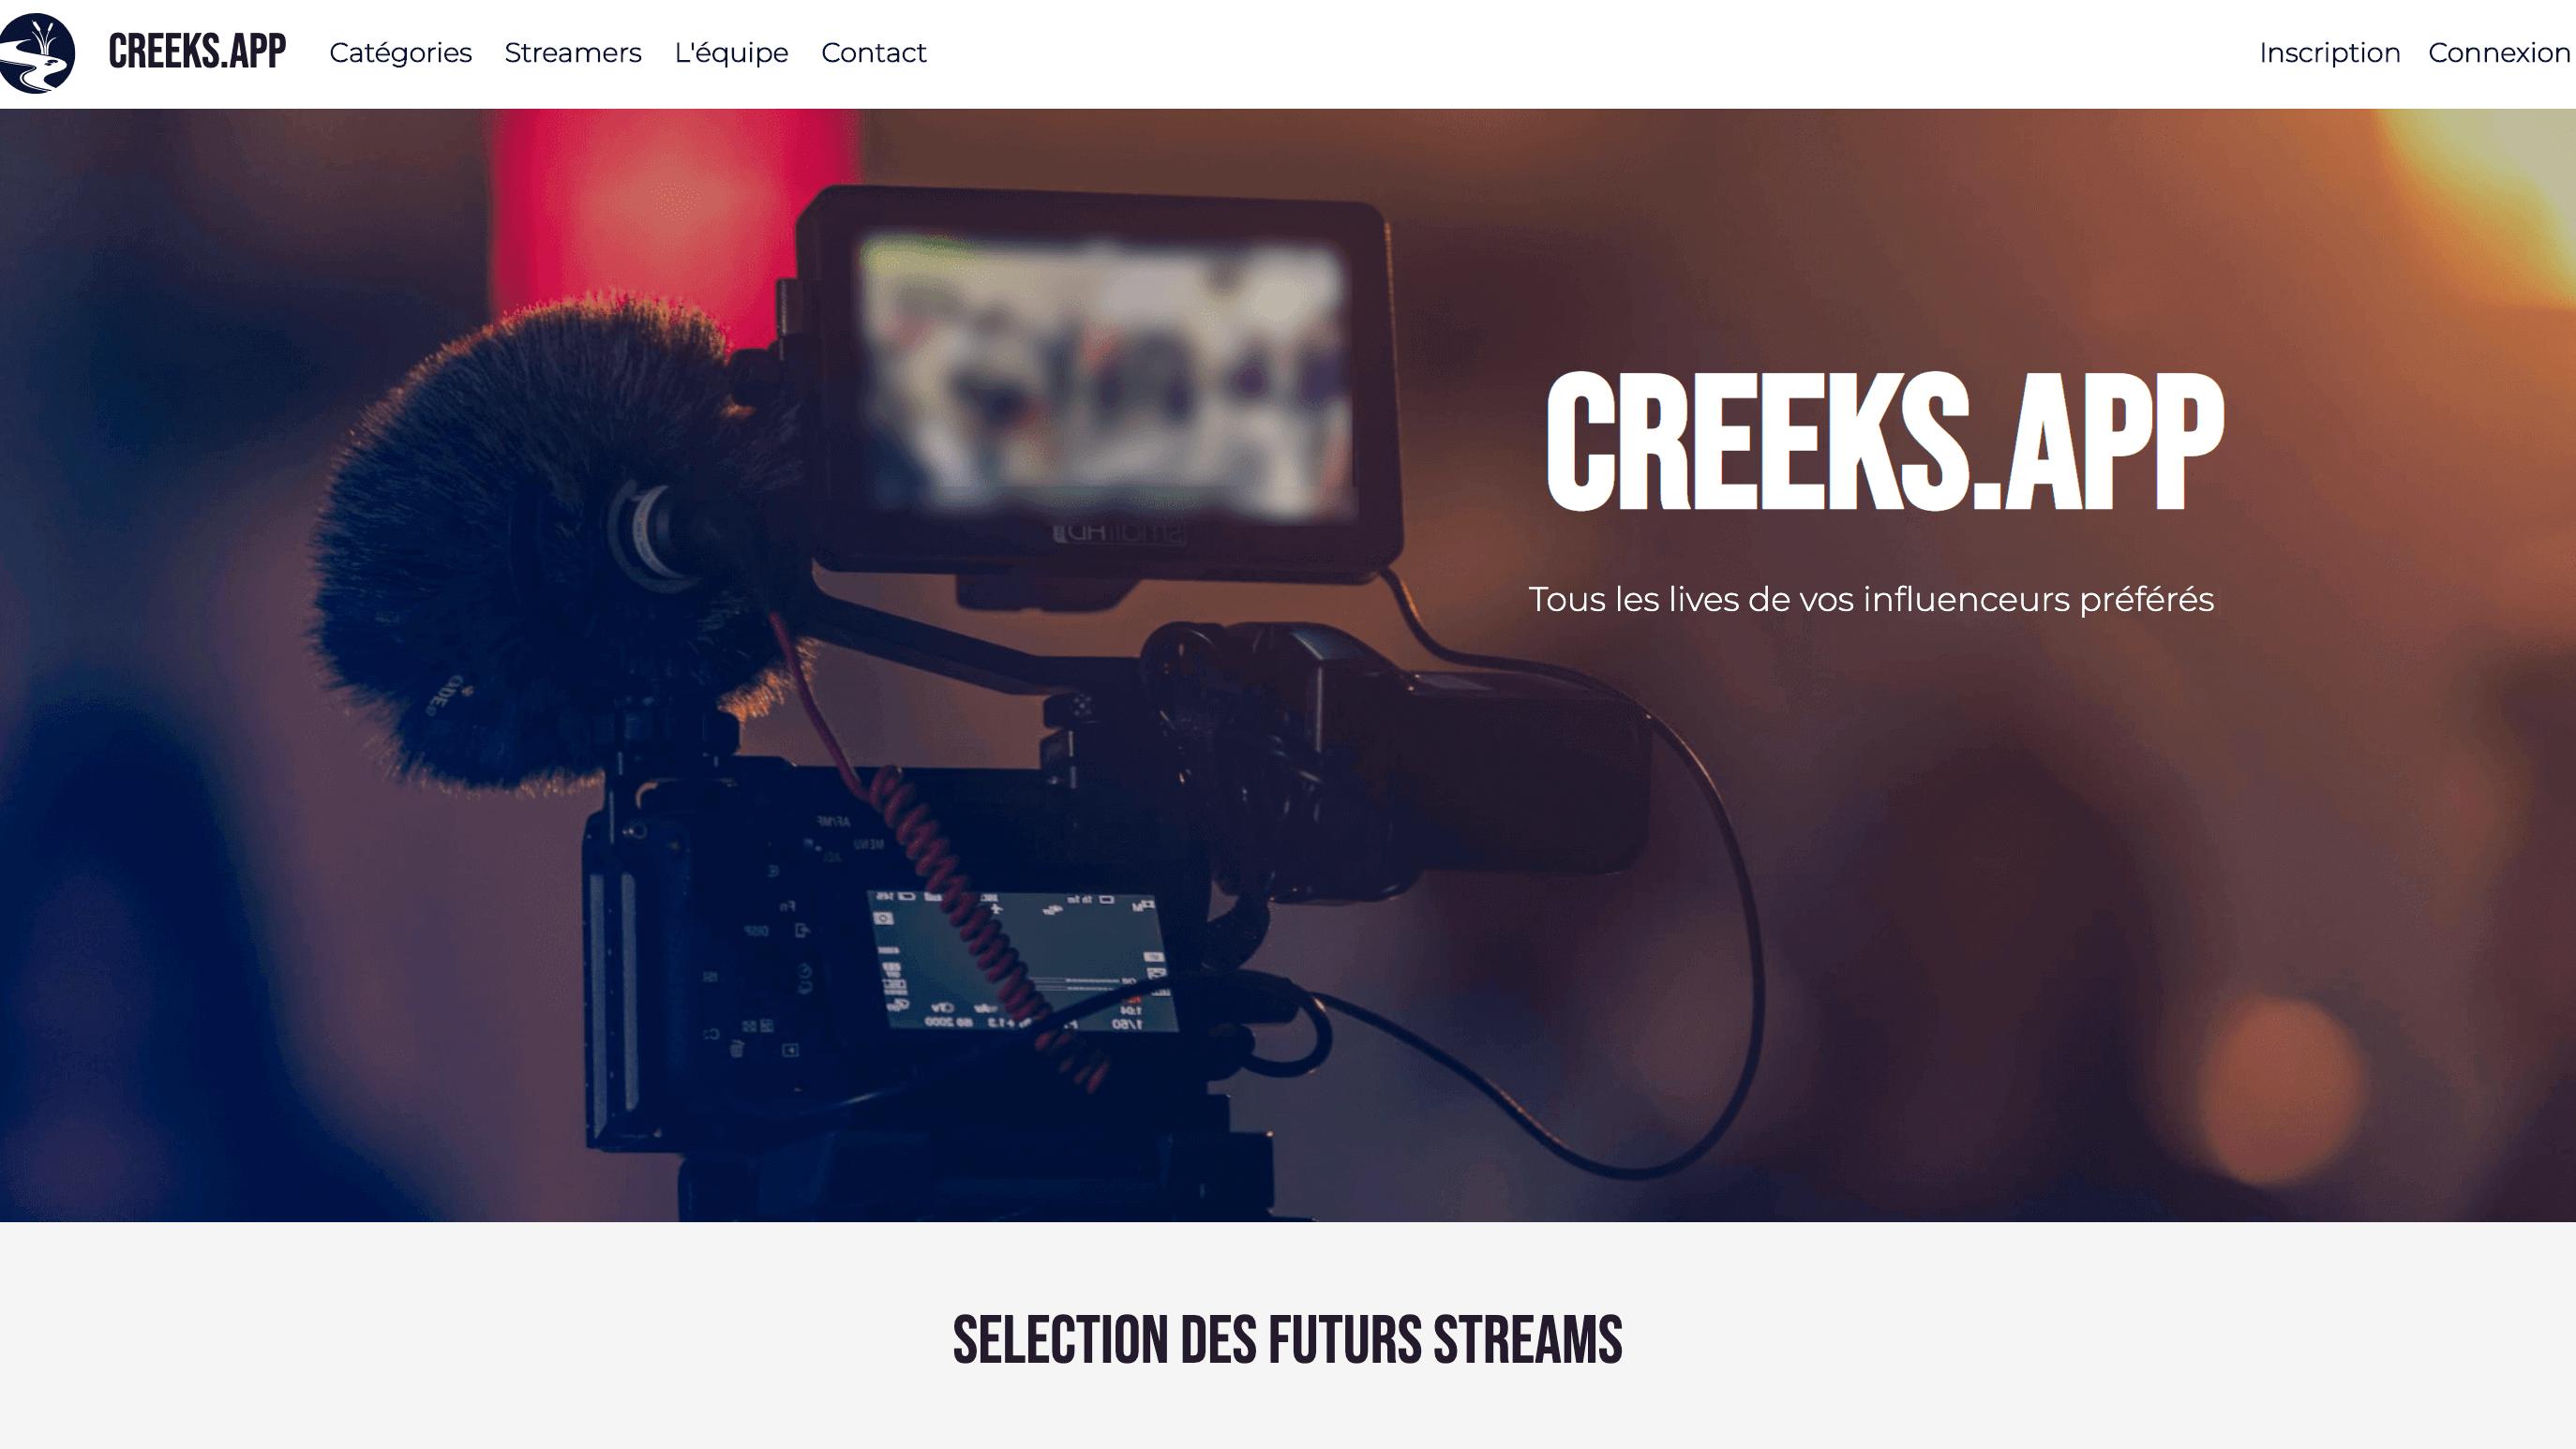 Image d'illustration du site CreeksApp - Tous les lives de vos influenceurs préférés